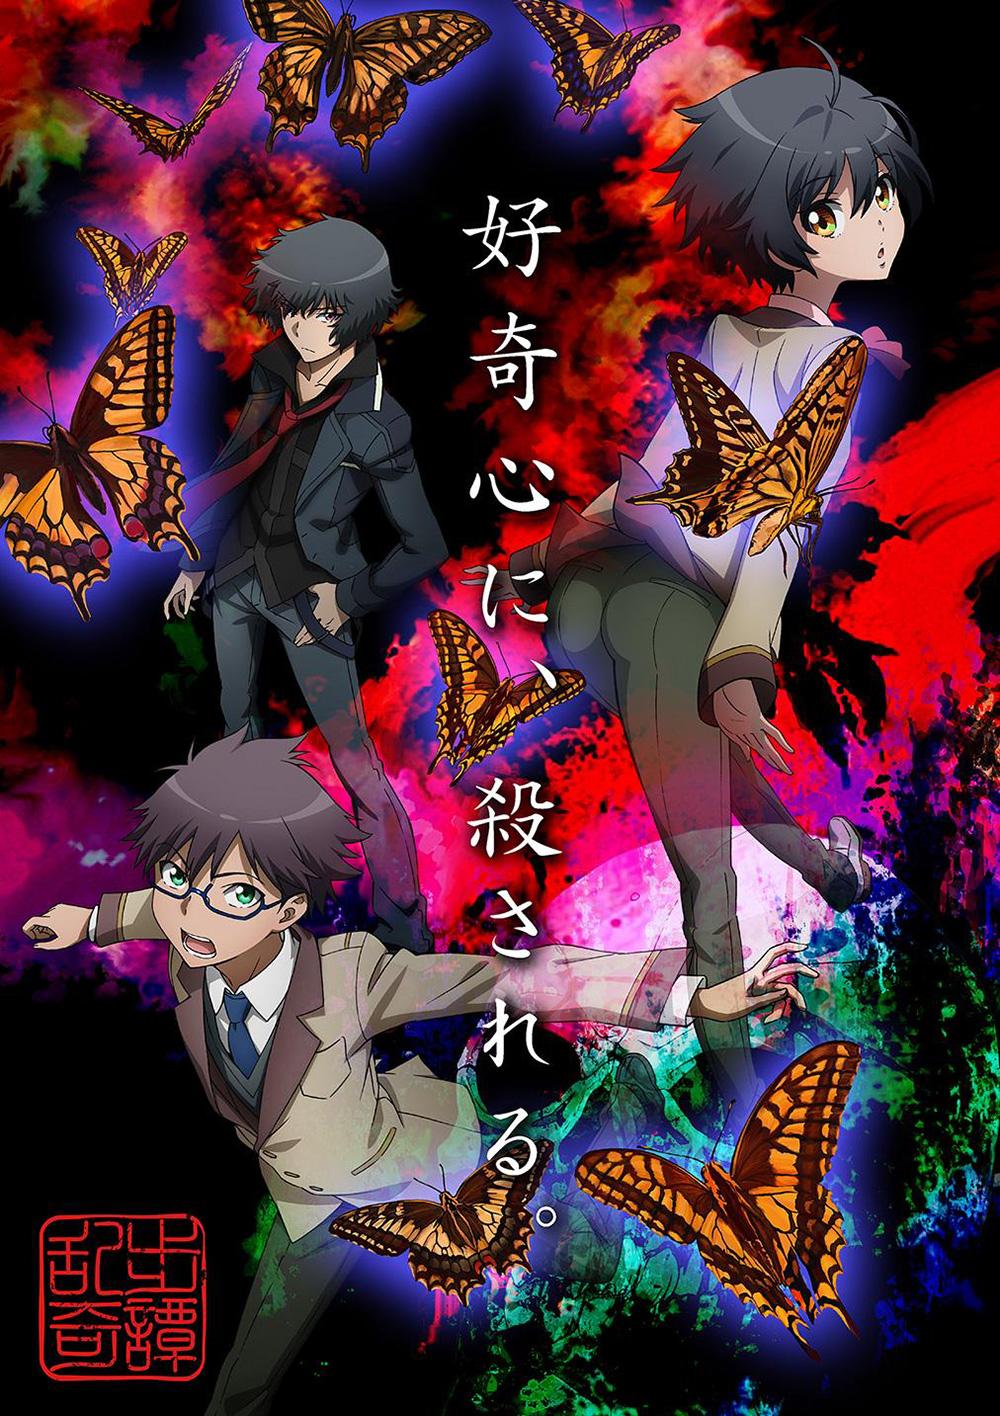 Ranpo-Kitan-Game-of-Laplace-Anime-Visual